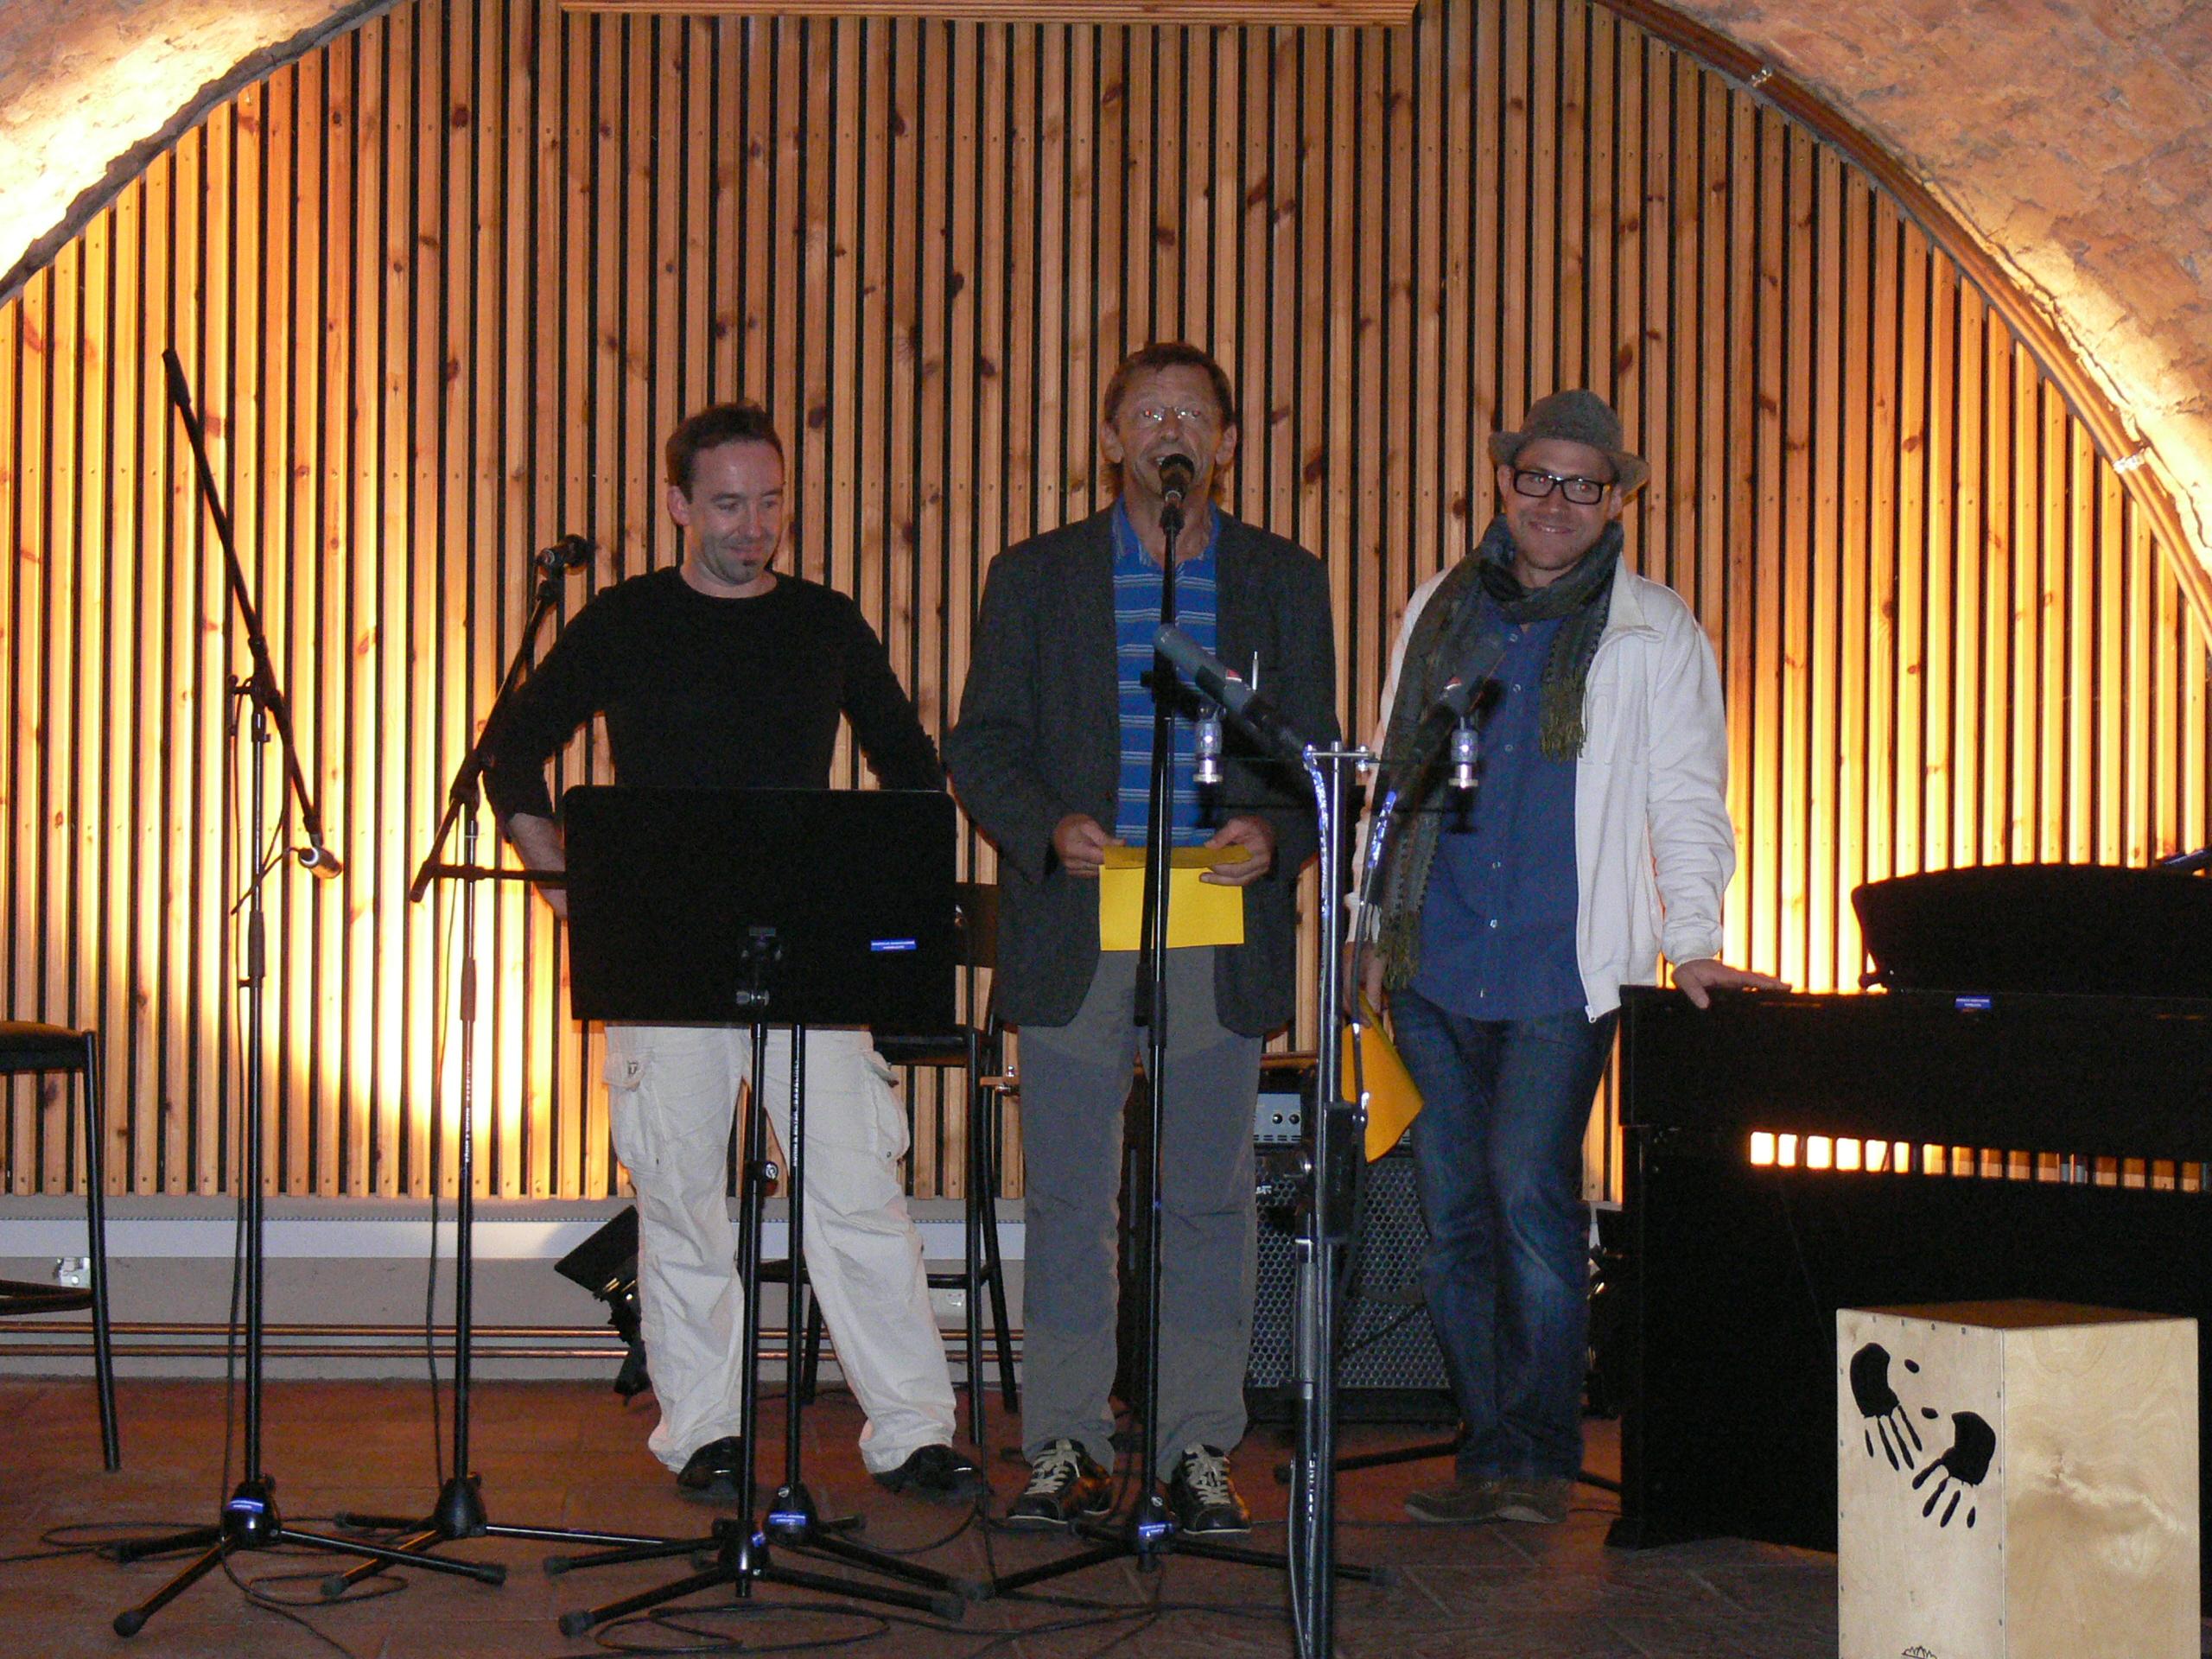 Begrüßung von Peter, Mark und Haiko